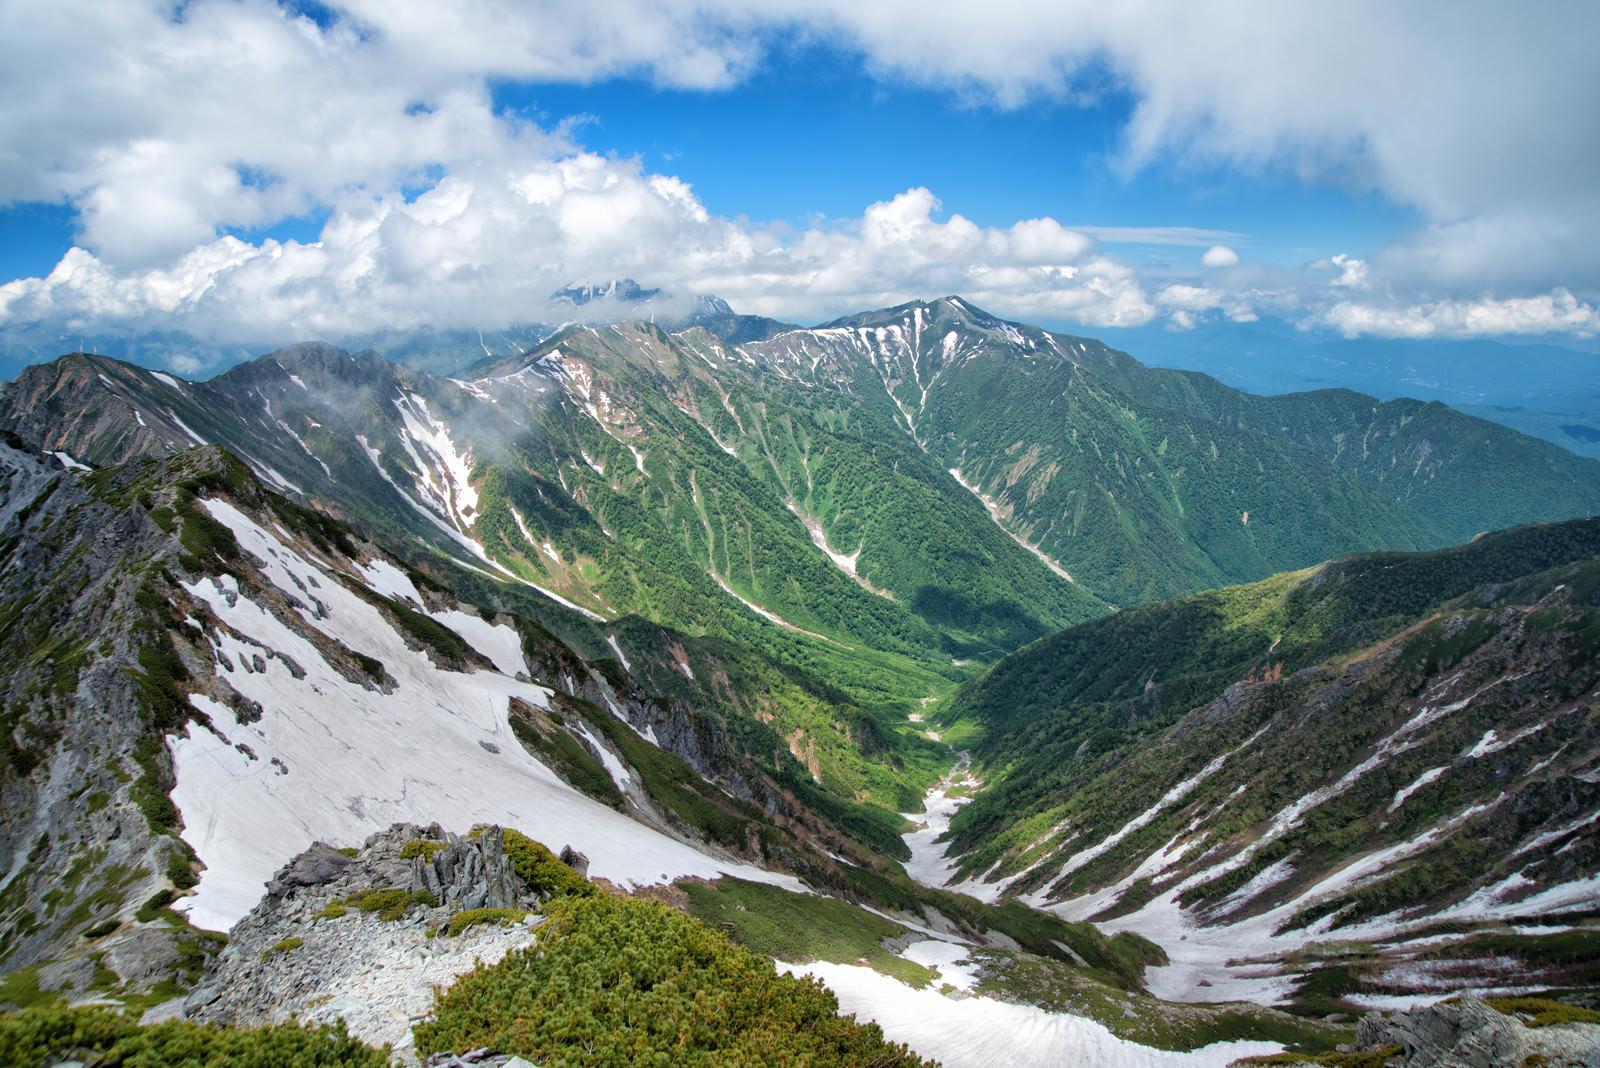 「針ノ木岳から眺める大雪渓と新緑の爺ヶ岳(飛騨山脈)」の写真